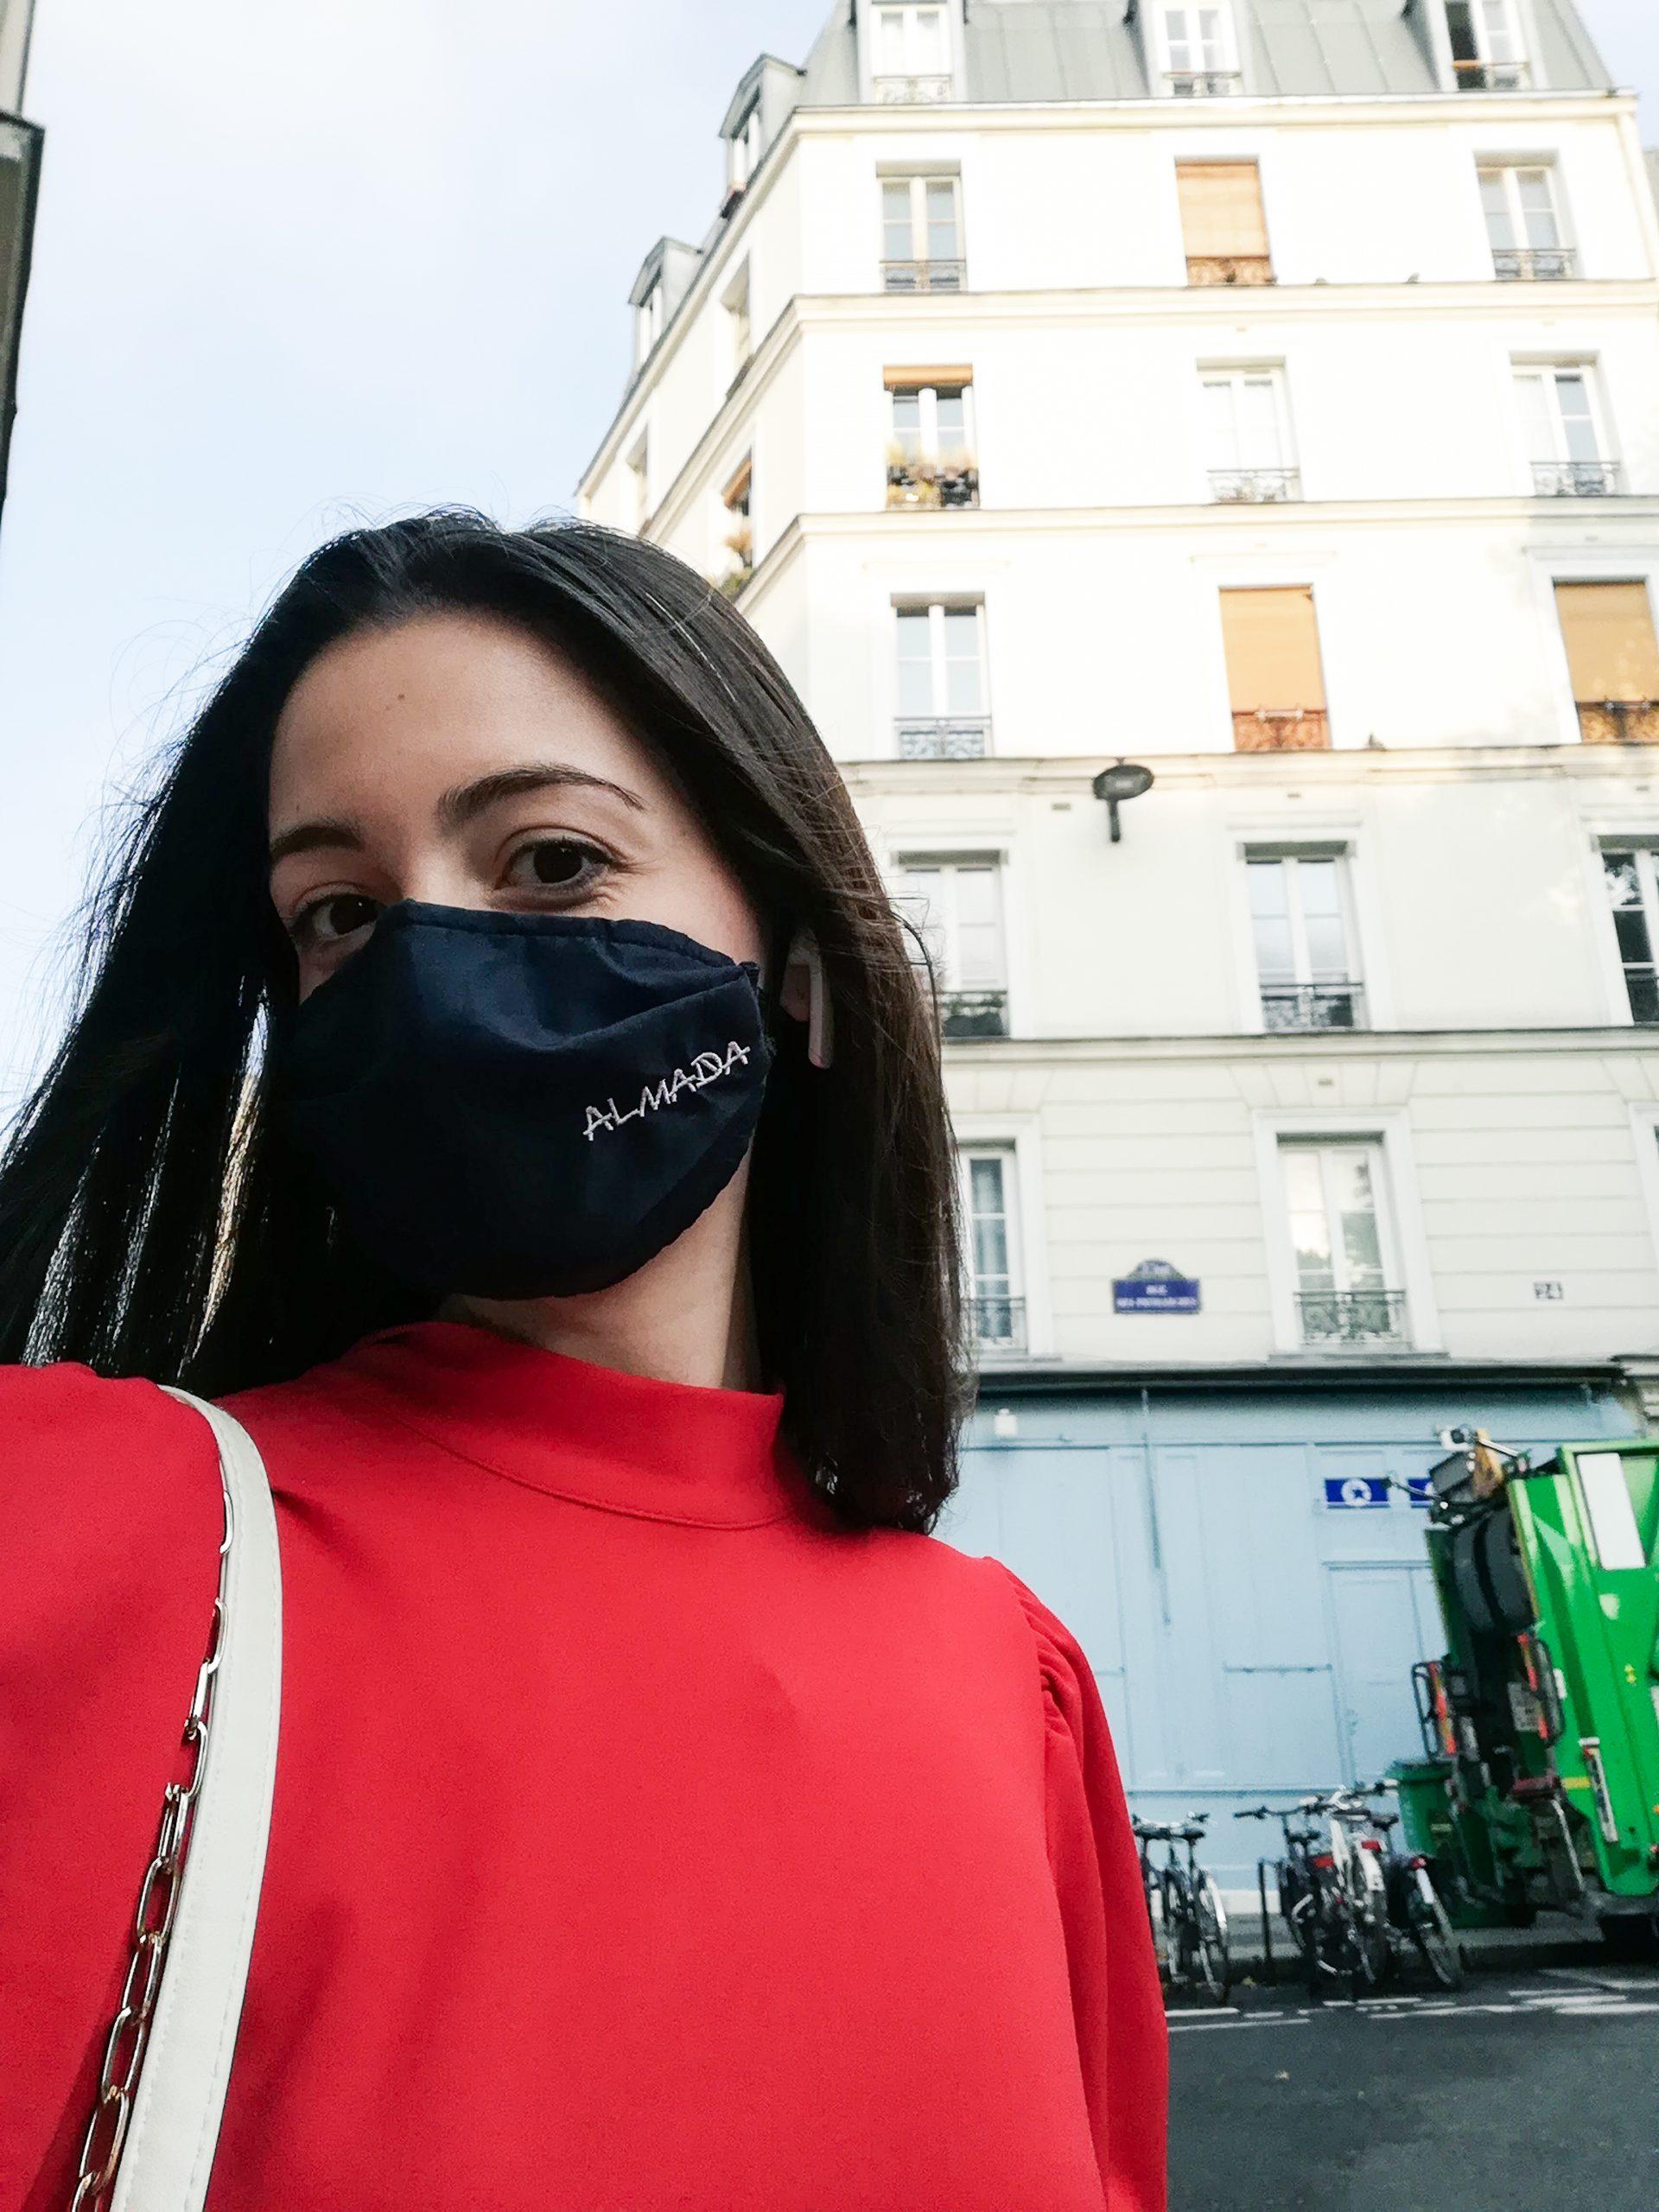 ONE WEEK OF PARIS